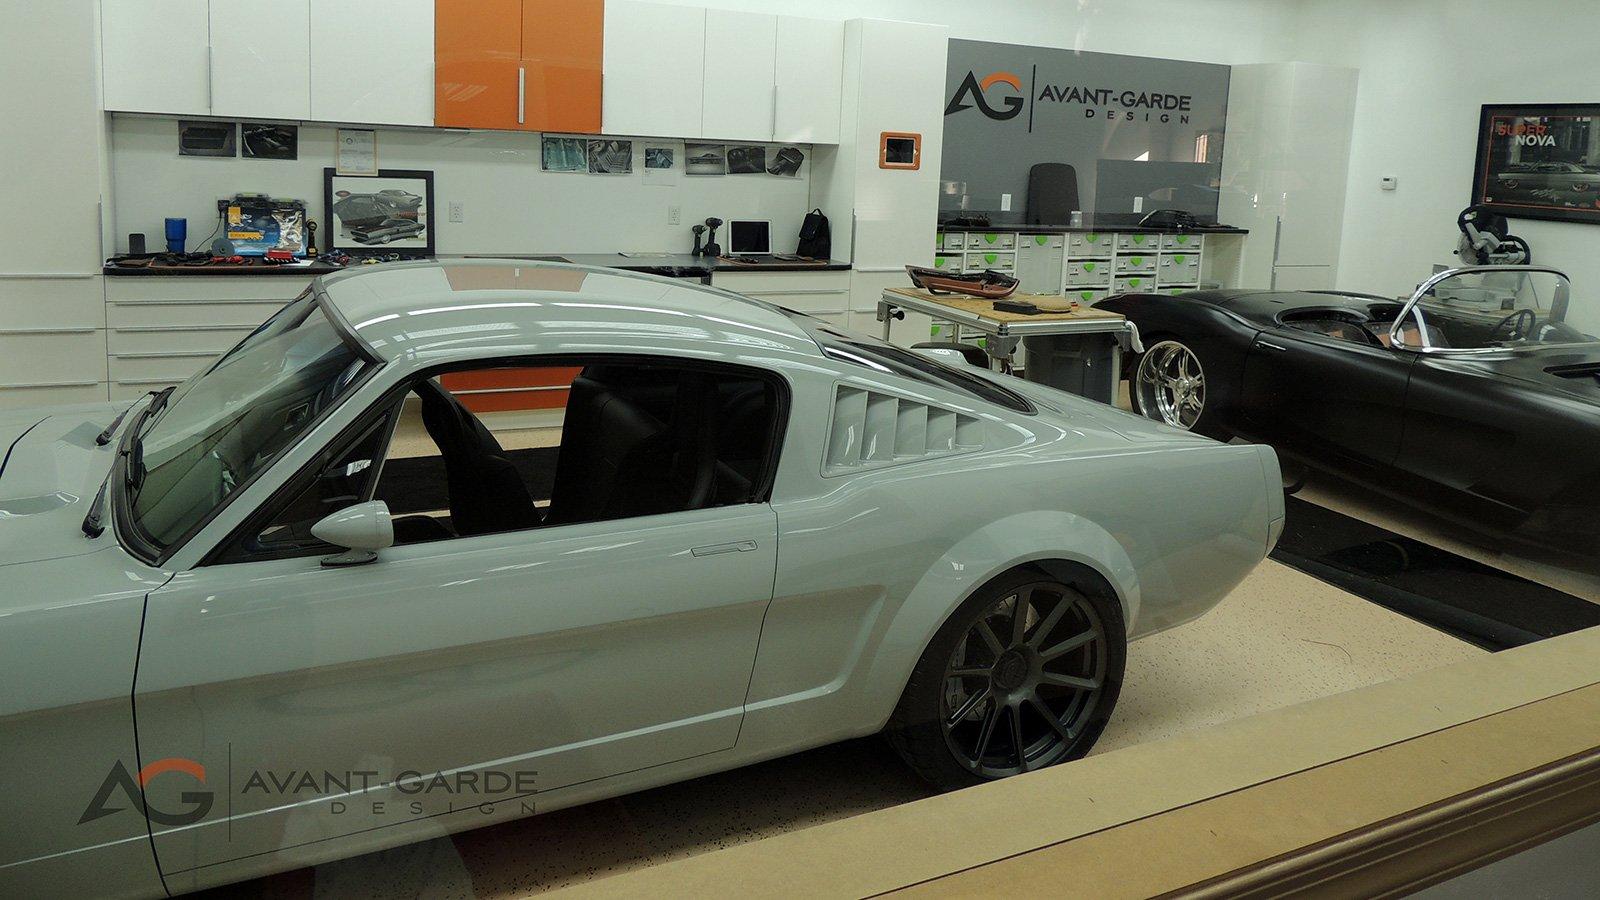 65 Mustang Vapor Exterior 2 image